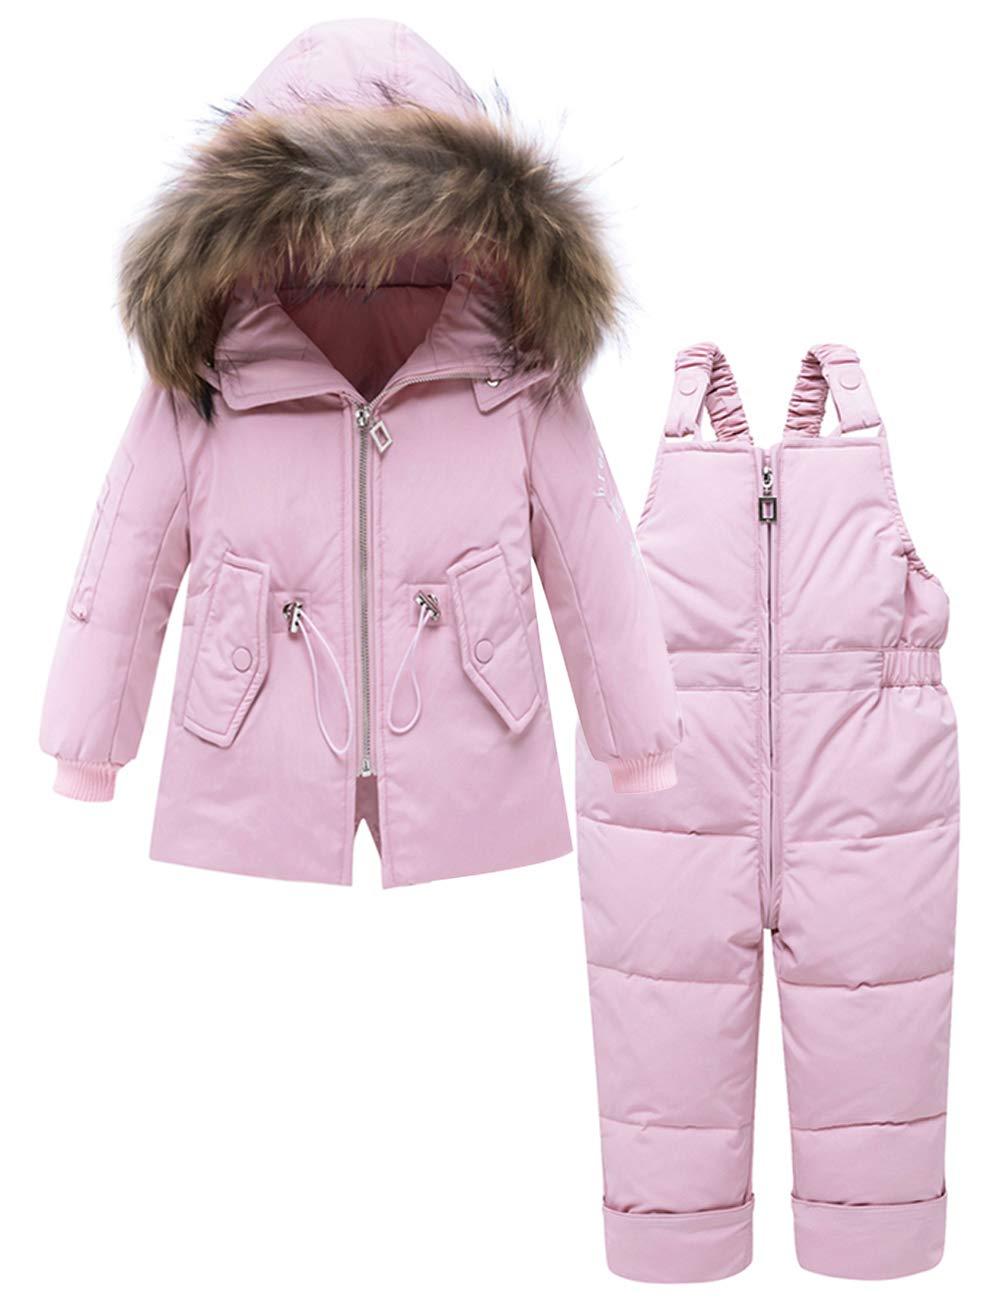 Zoerea Kinder Mädchen Süß Daunenanzug mit Kaputze Schneeanzug + Schneehose 2tlg Verdickte Winterjacke Skianzug